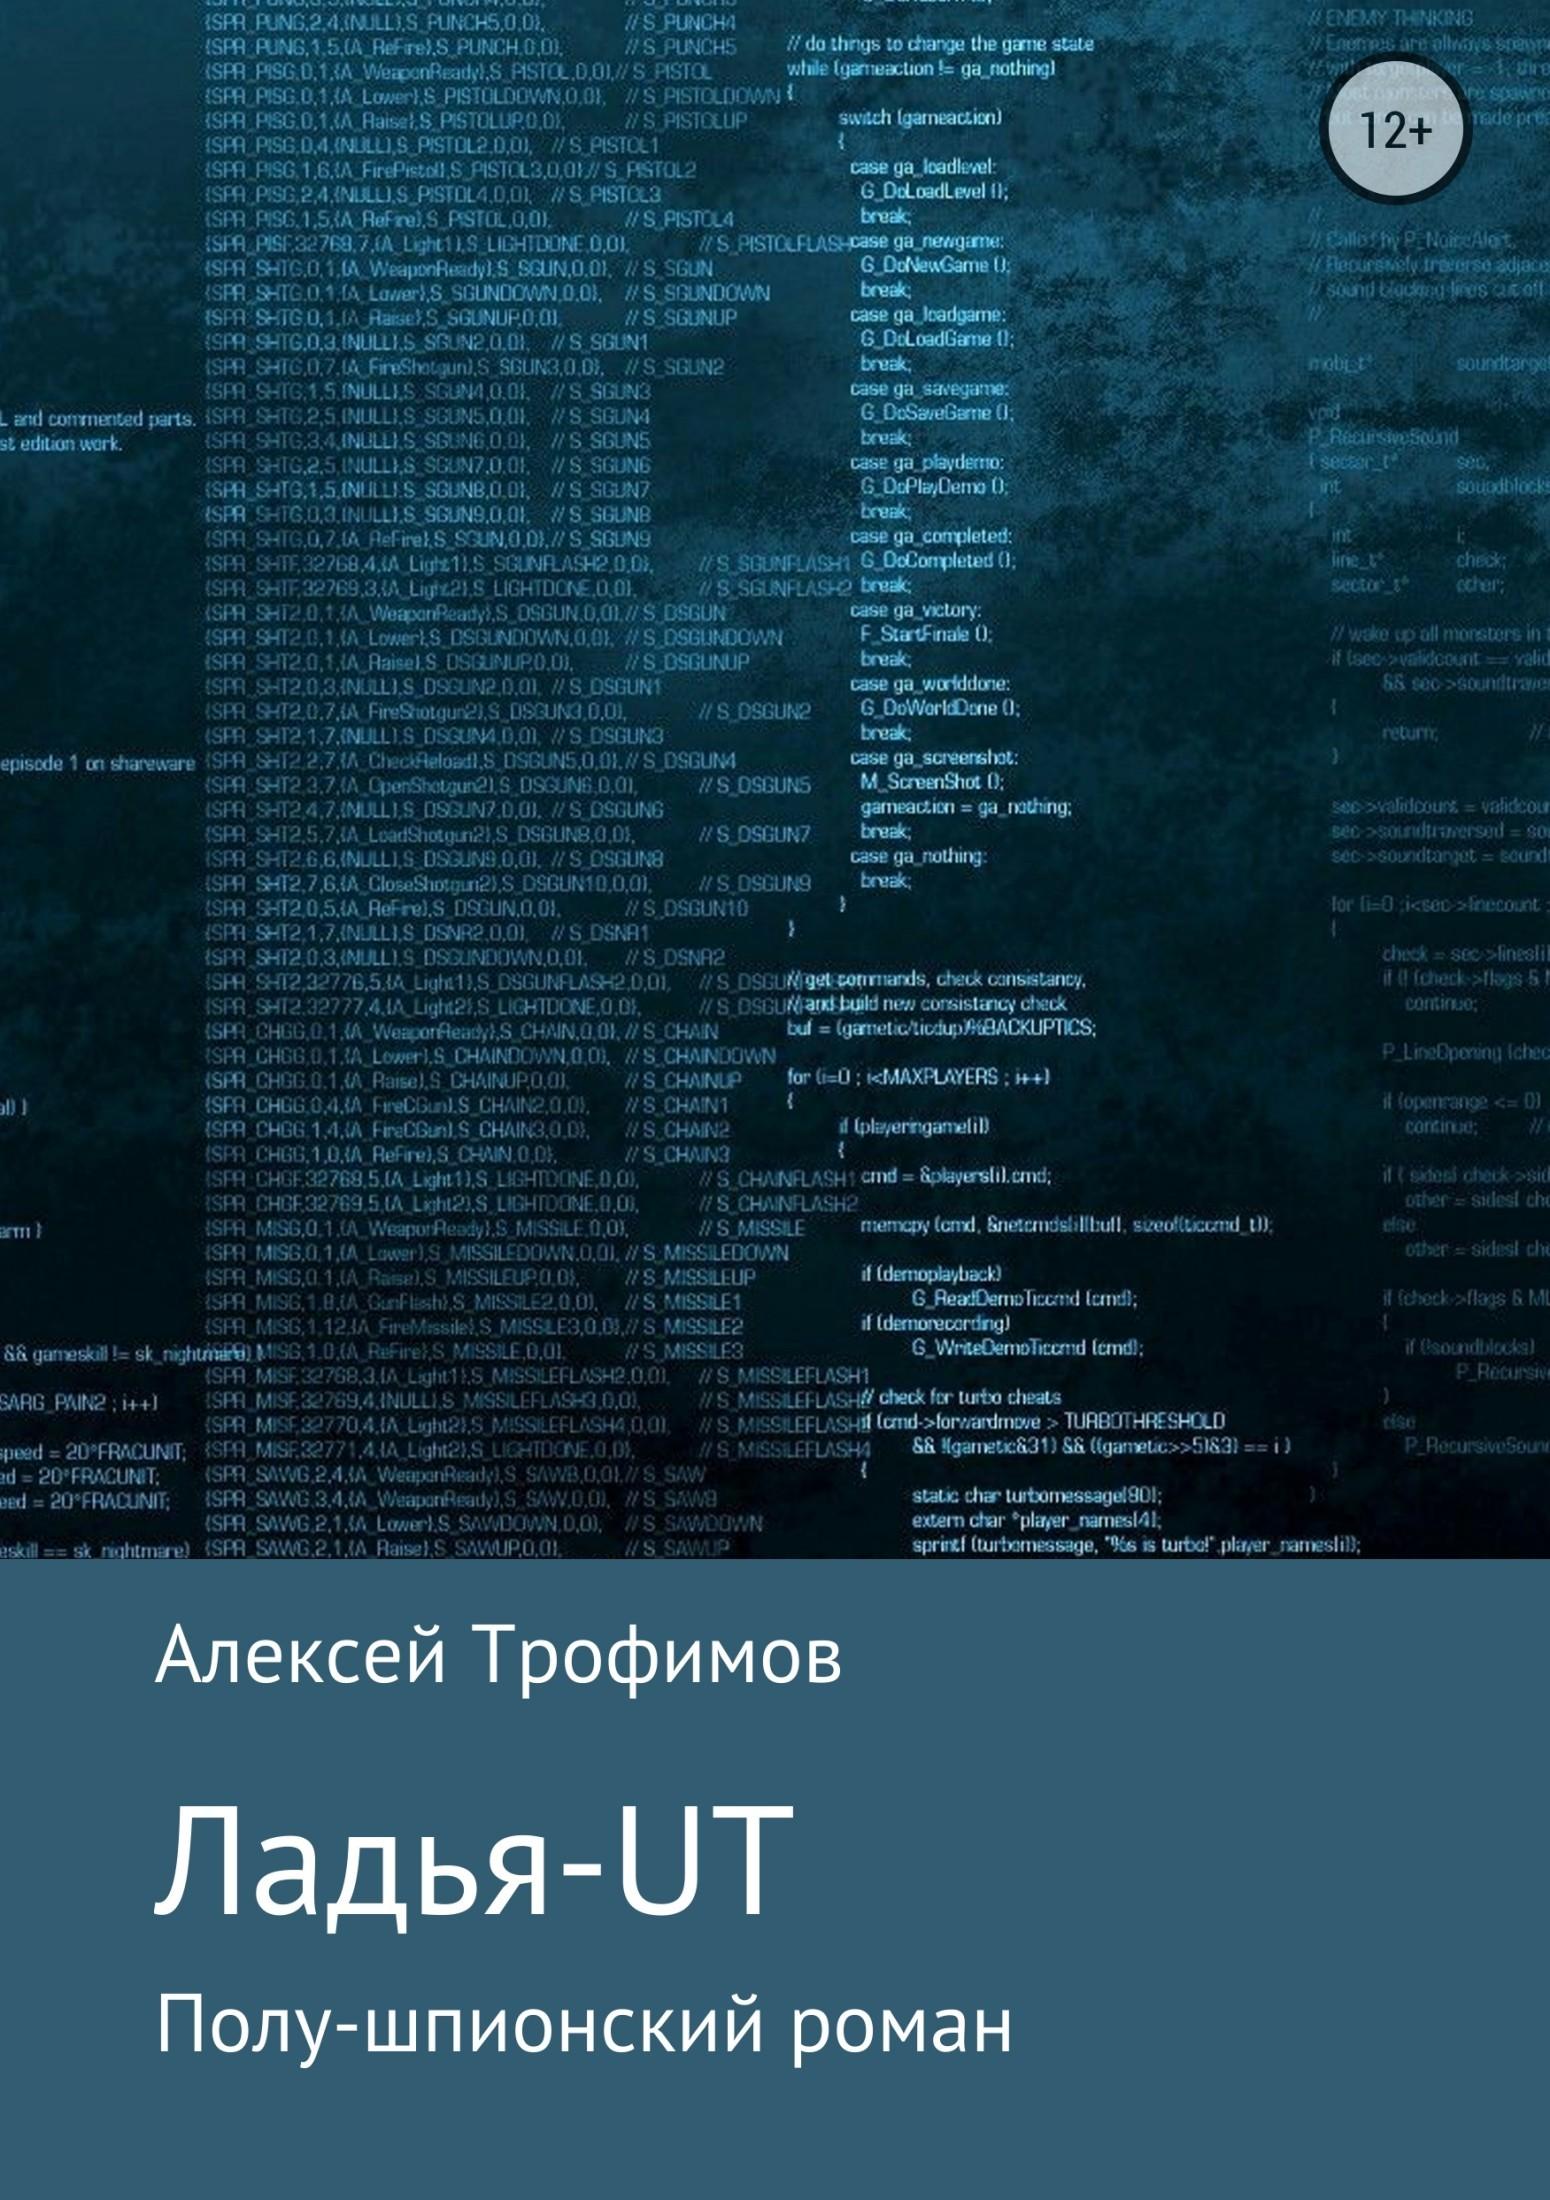 Алексей Анатьльевич Трофимов. Ладья-UT